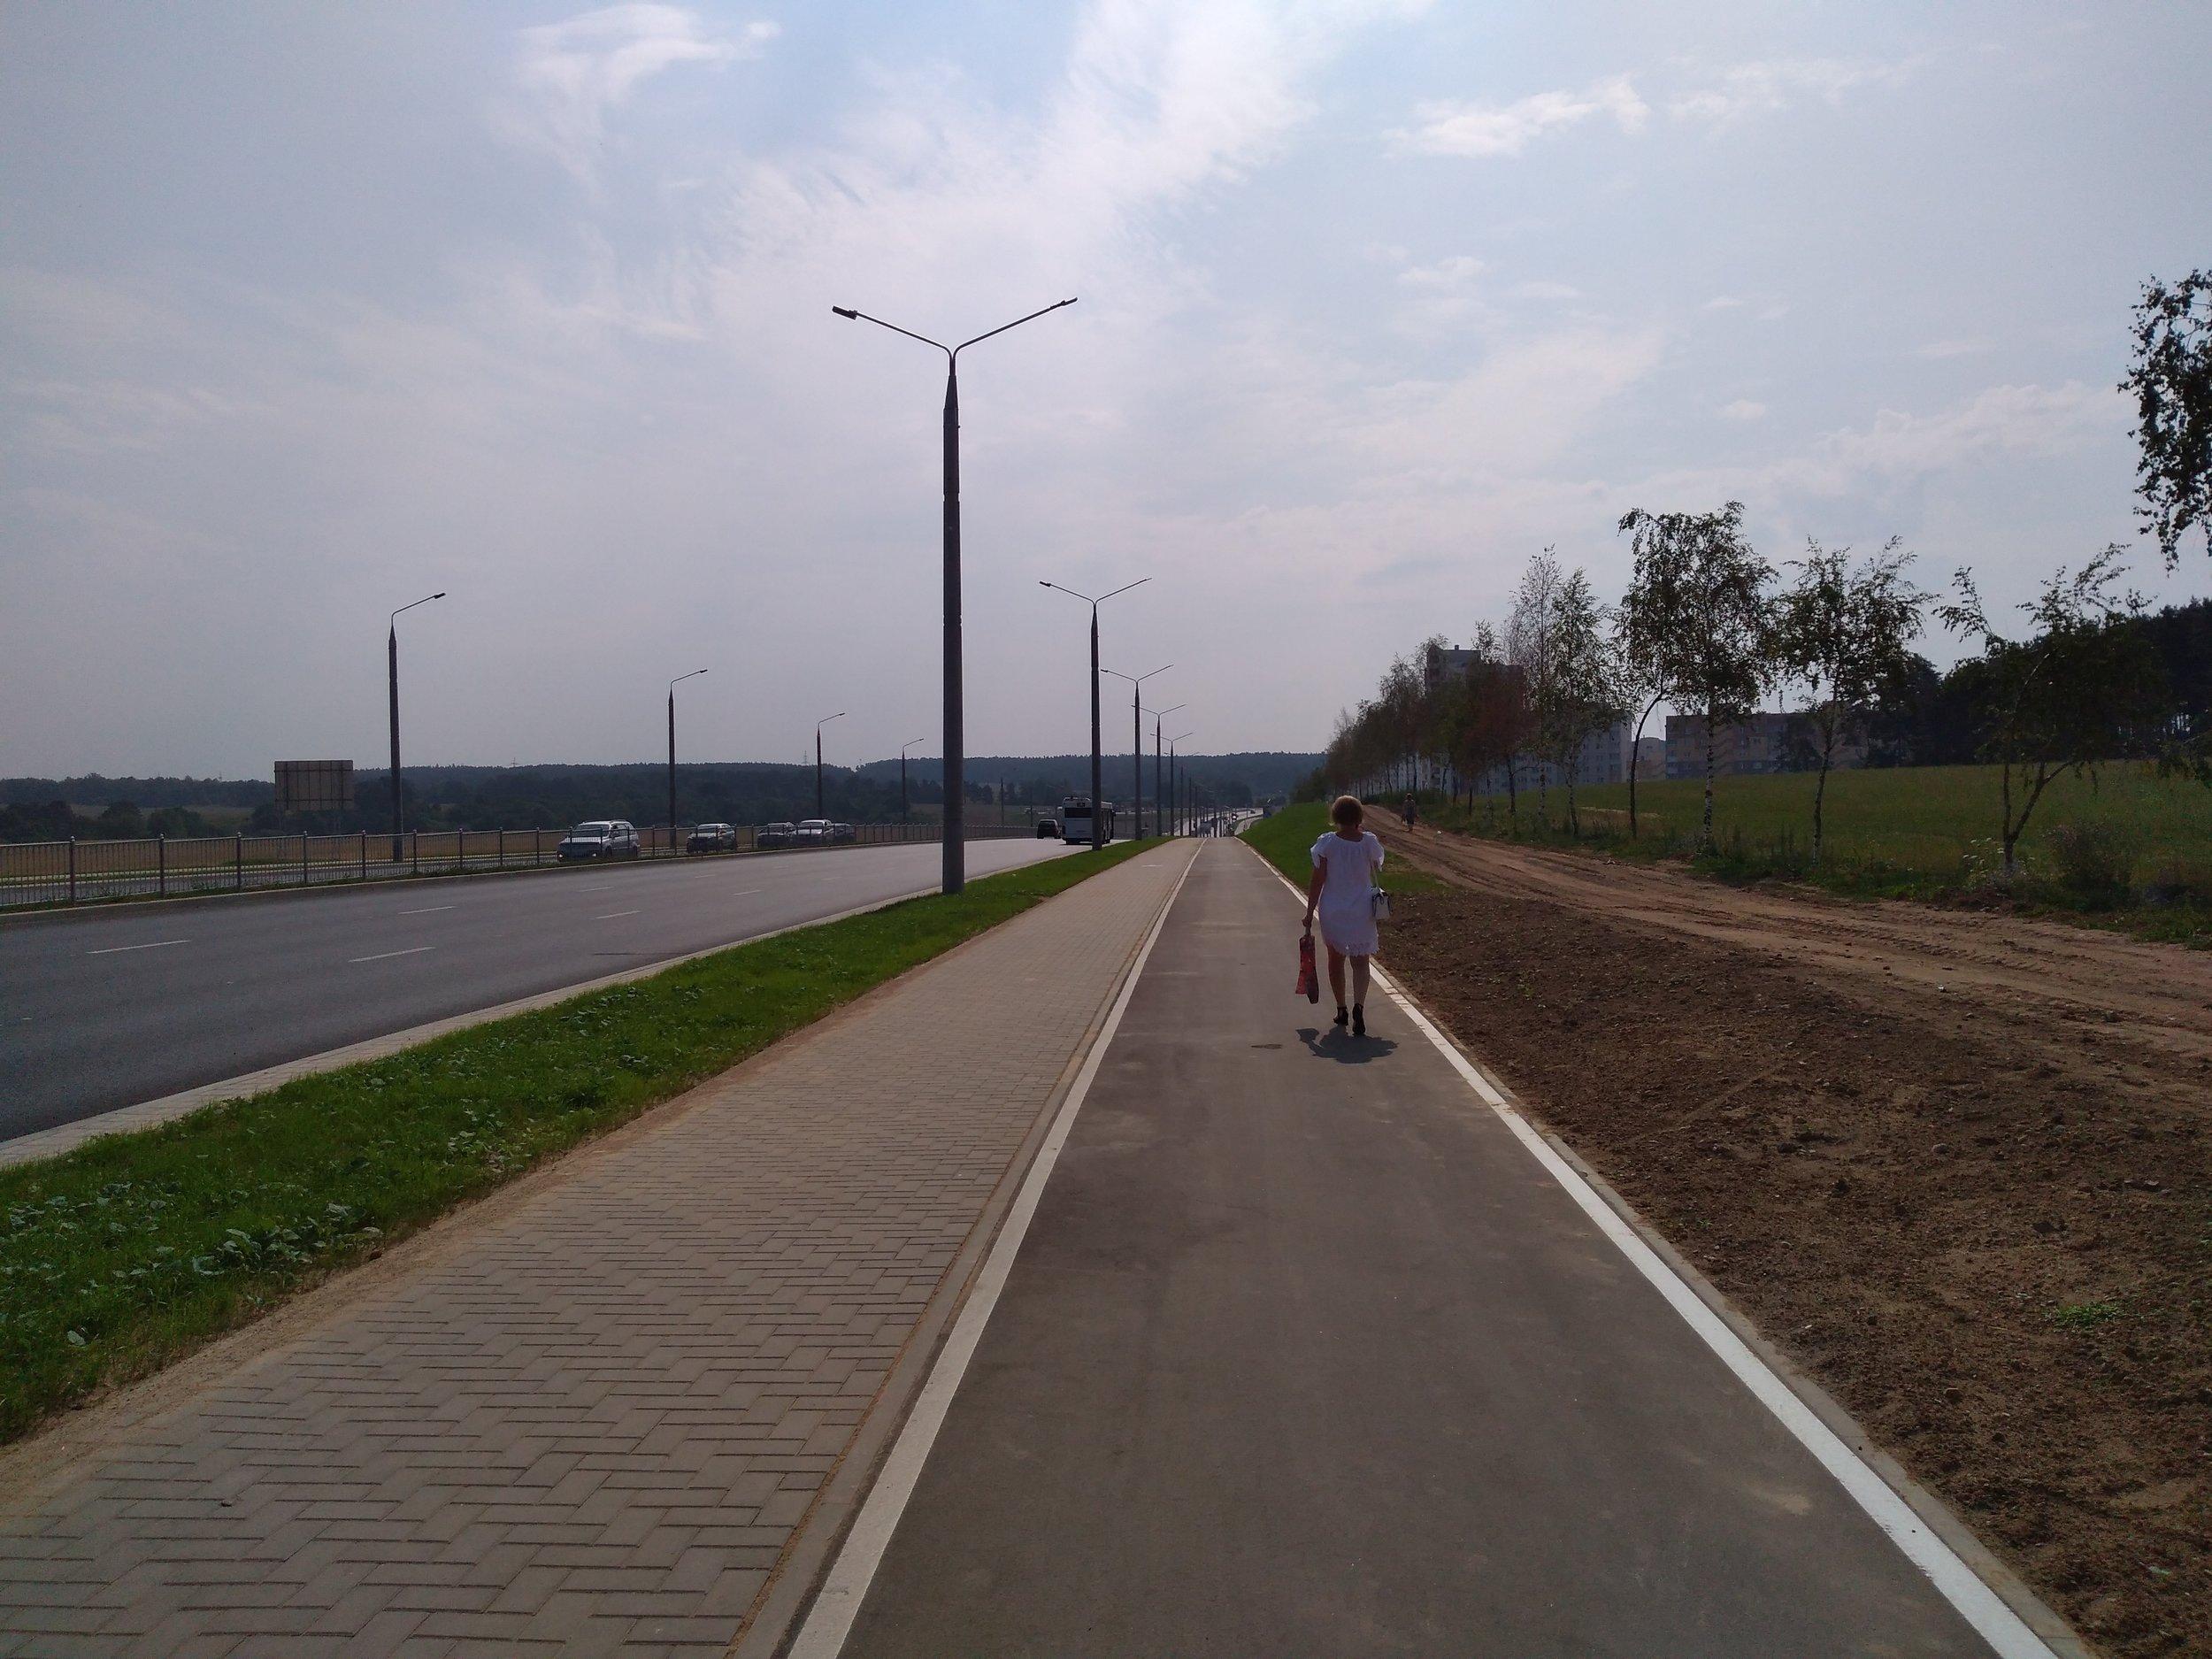 Pohled opačným směrem. Po této ulici by mohly jezdit také parciální trolejbusy. Po cca 1 km by při odbočení vpravo dojely na konečnou Višněvec, kde končí linka č. 20.